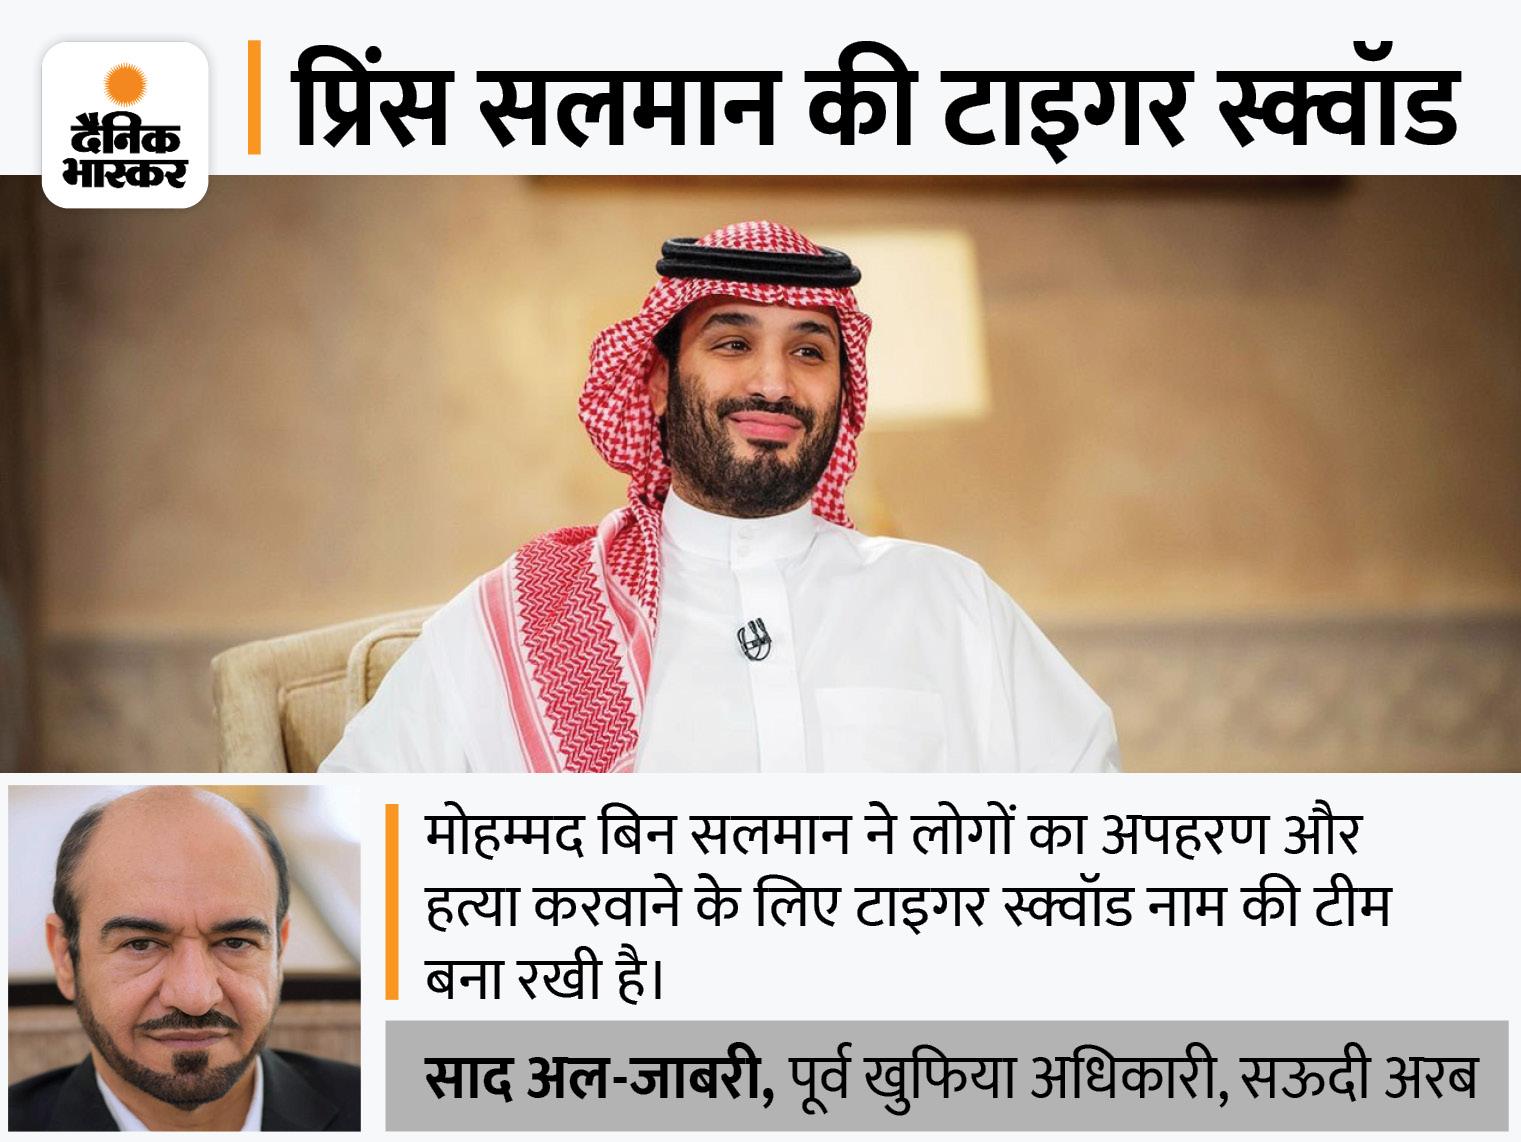 किंग अब्दुल्ला की हत्या करवाना चाहते थे मोहम्मद बिन सलमान, पूर्व खुफिया अधिकारी का खुलासा विदेश,International - Dainik Bhaskar